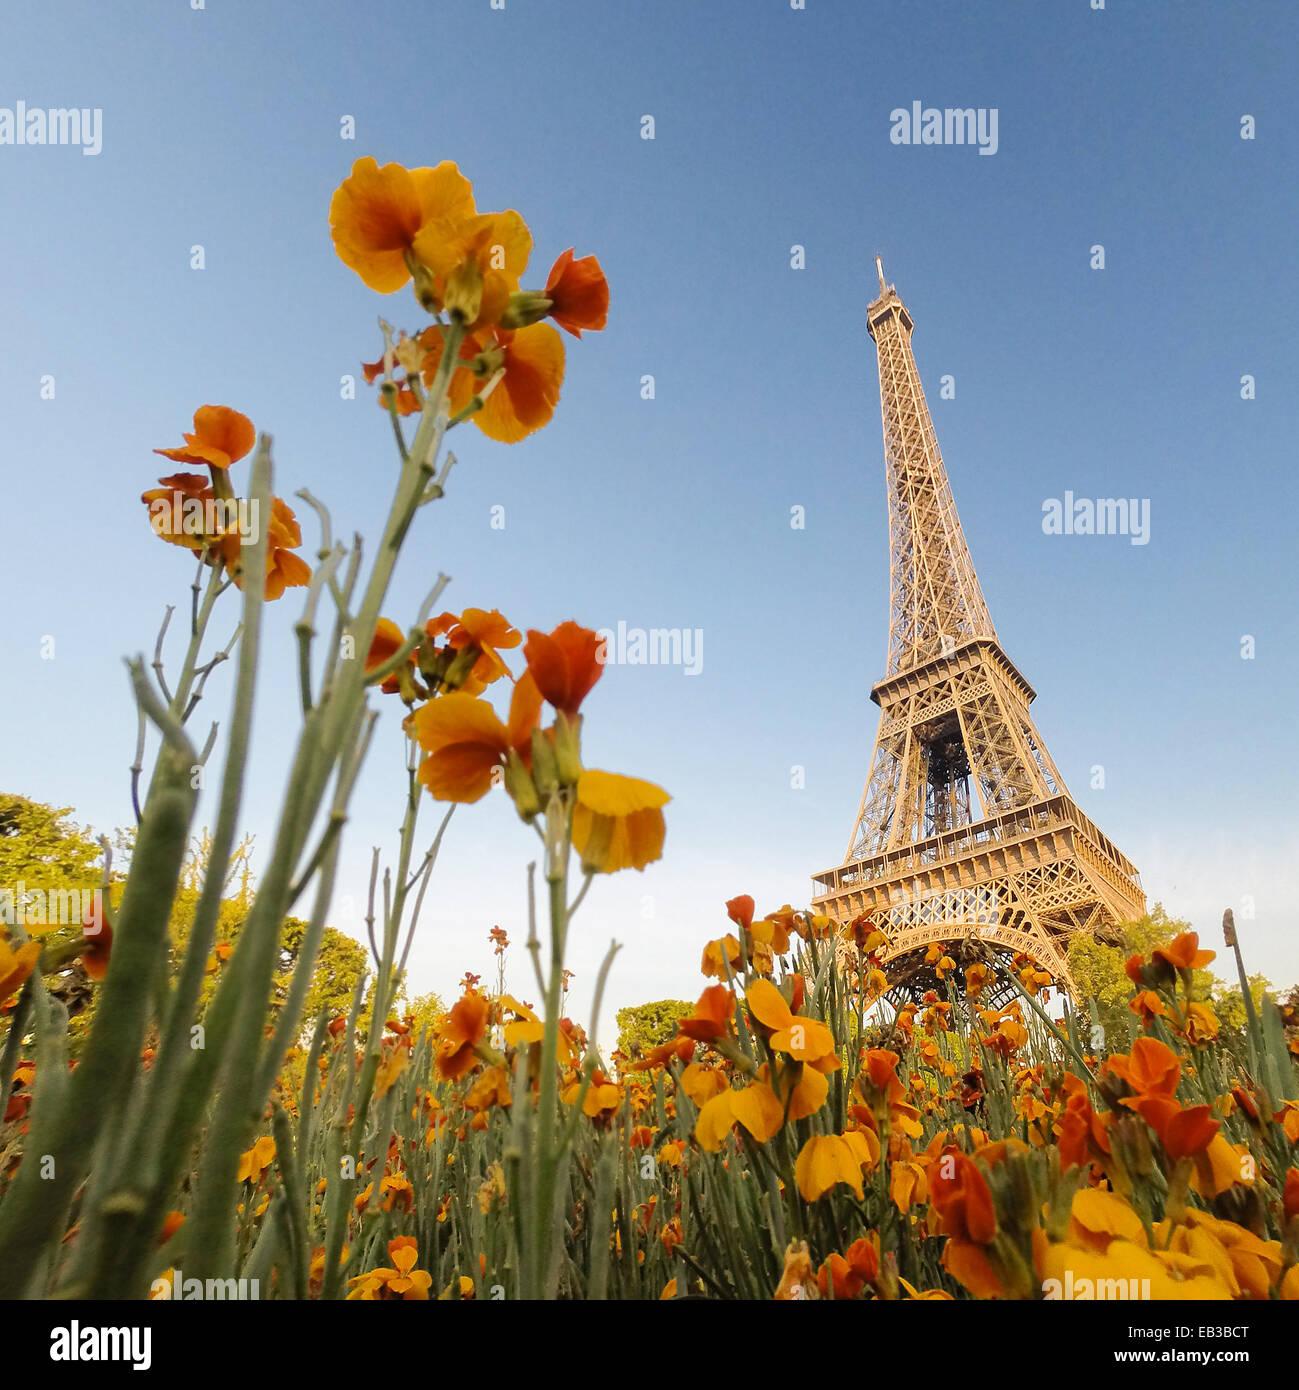 Torre Eiffel visto attraverso i fiori, Parigi, Francia Immagini Stock